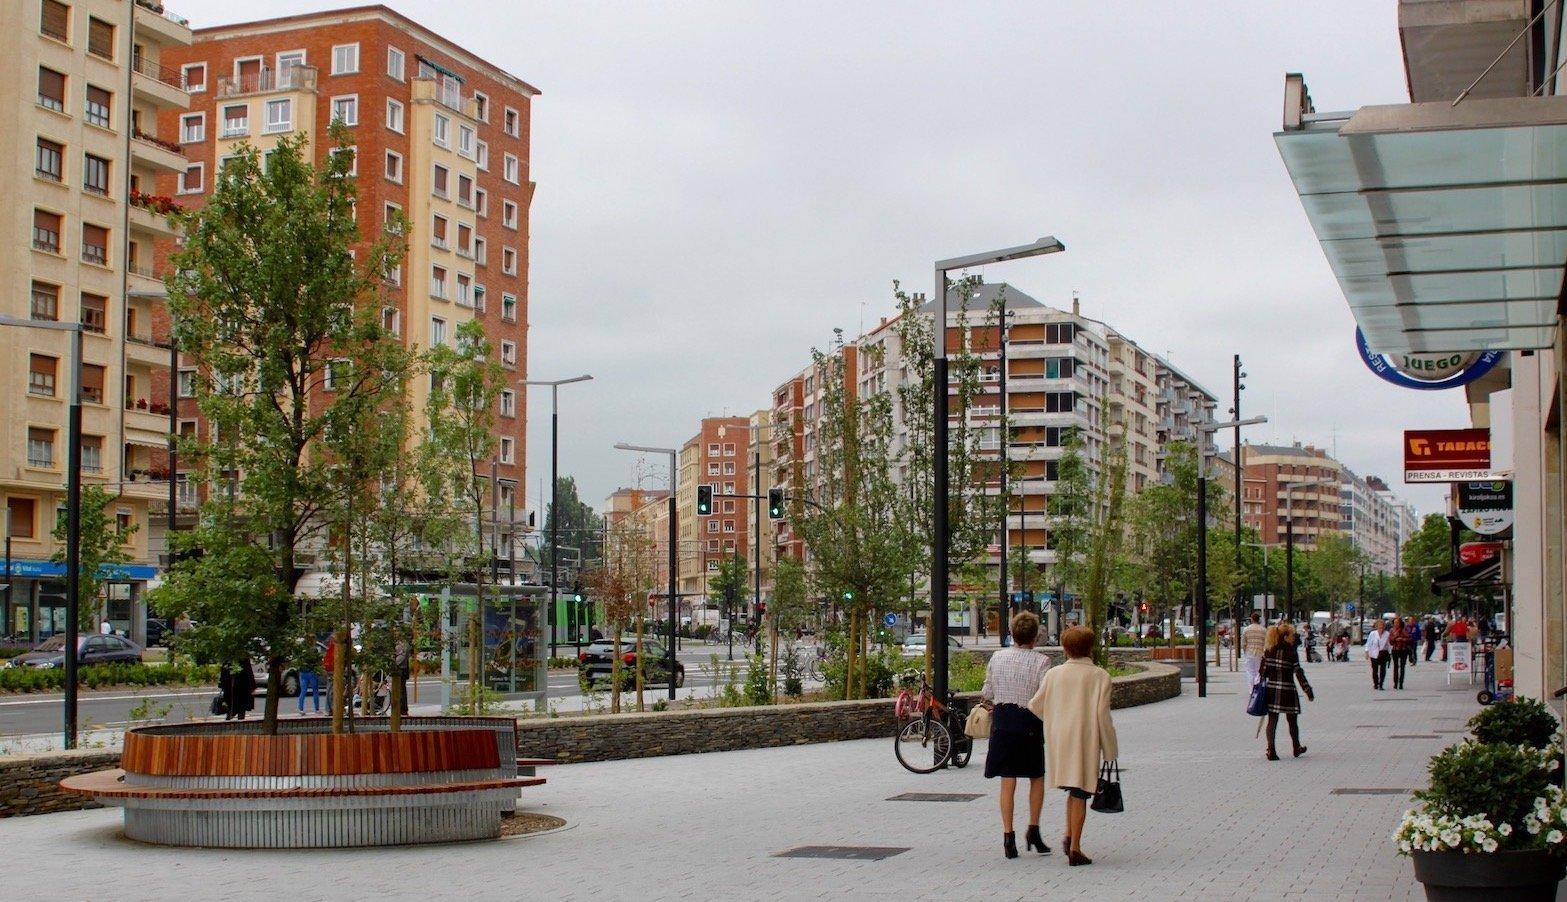 Ein Fußgängerzone, die umsäumt von Hochhäusern ist.